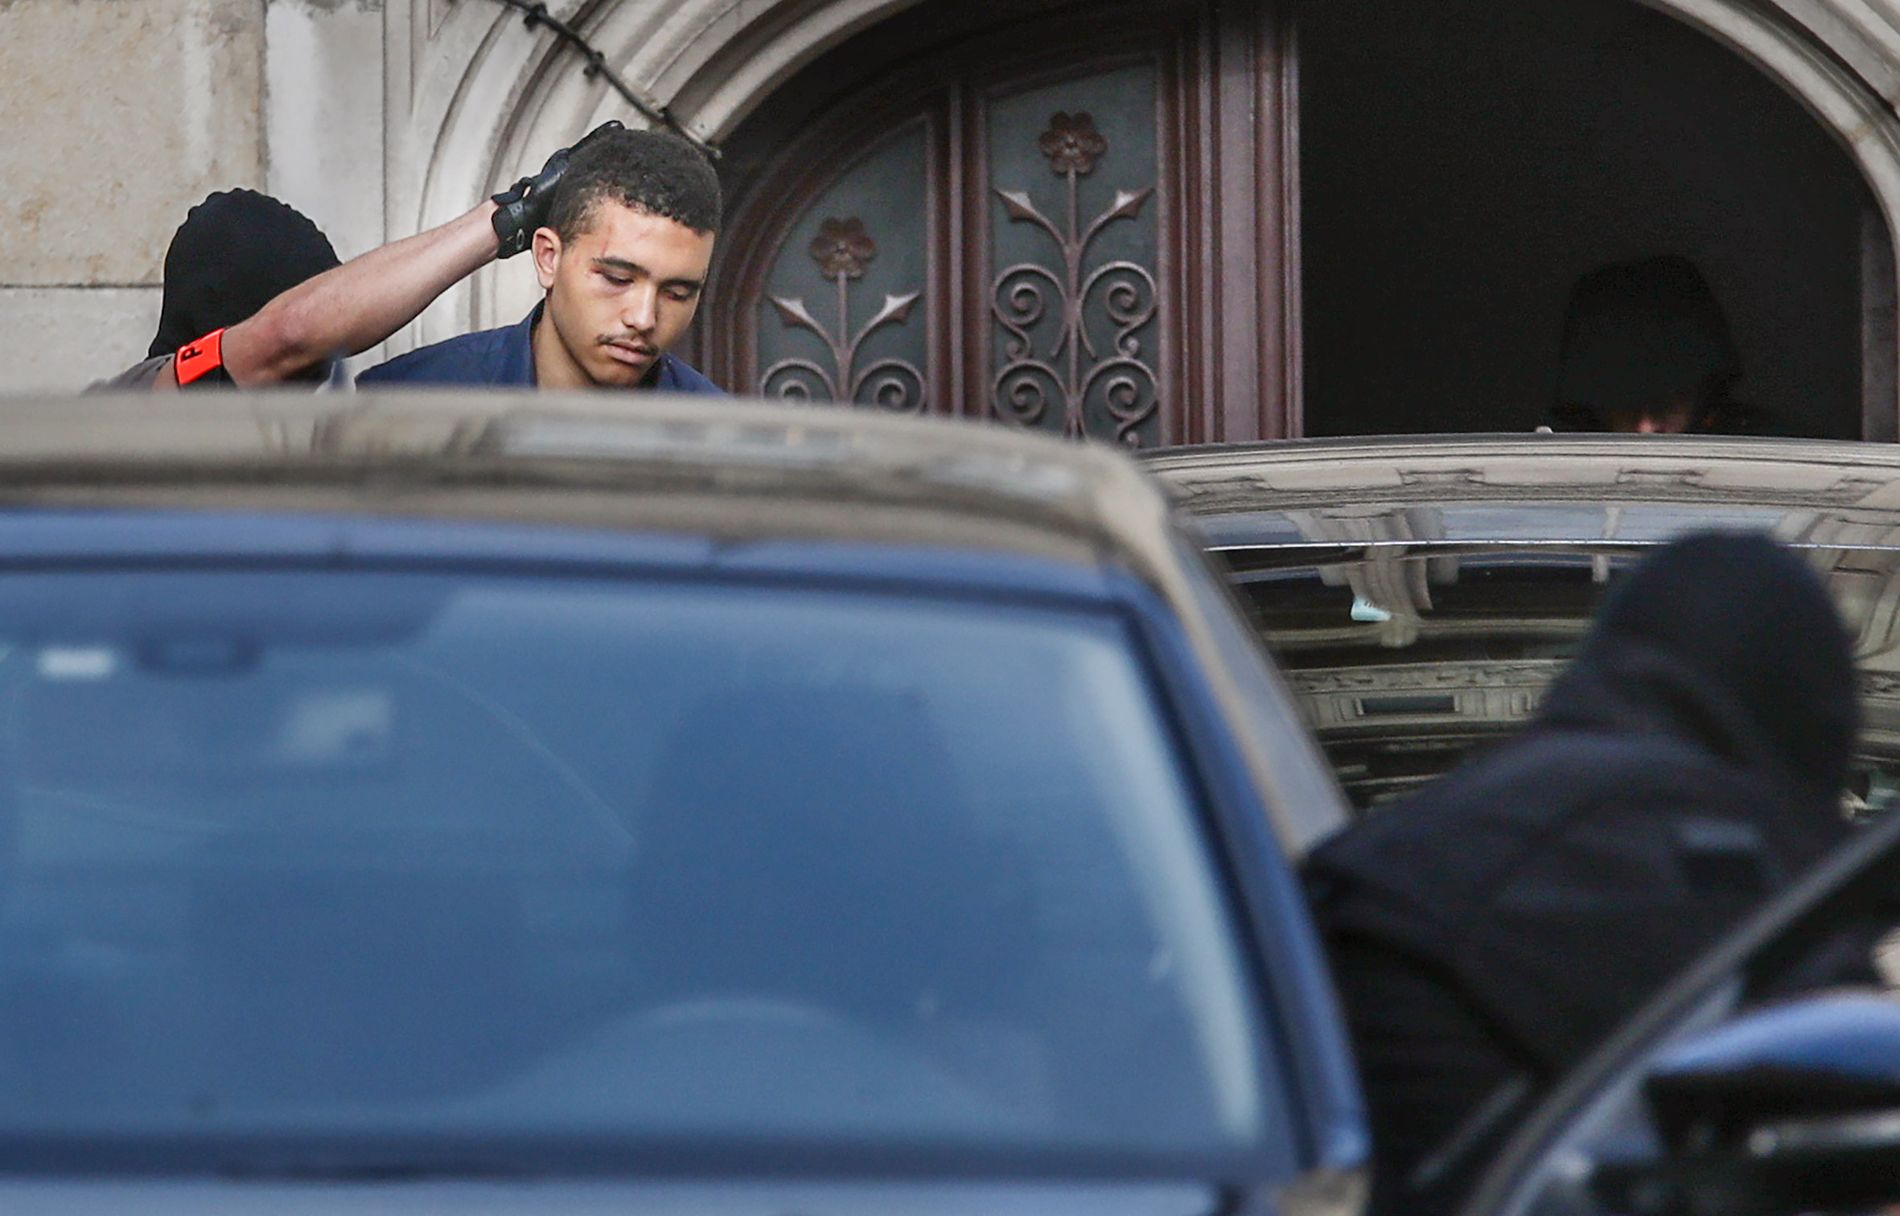 FERDIG: Makaveli Lindén på vei ut fra retten i Dijon.